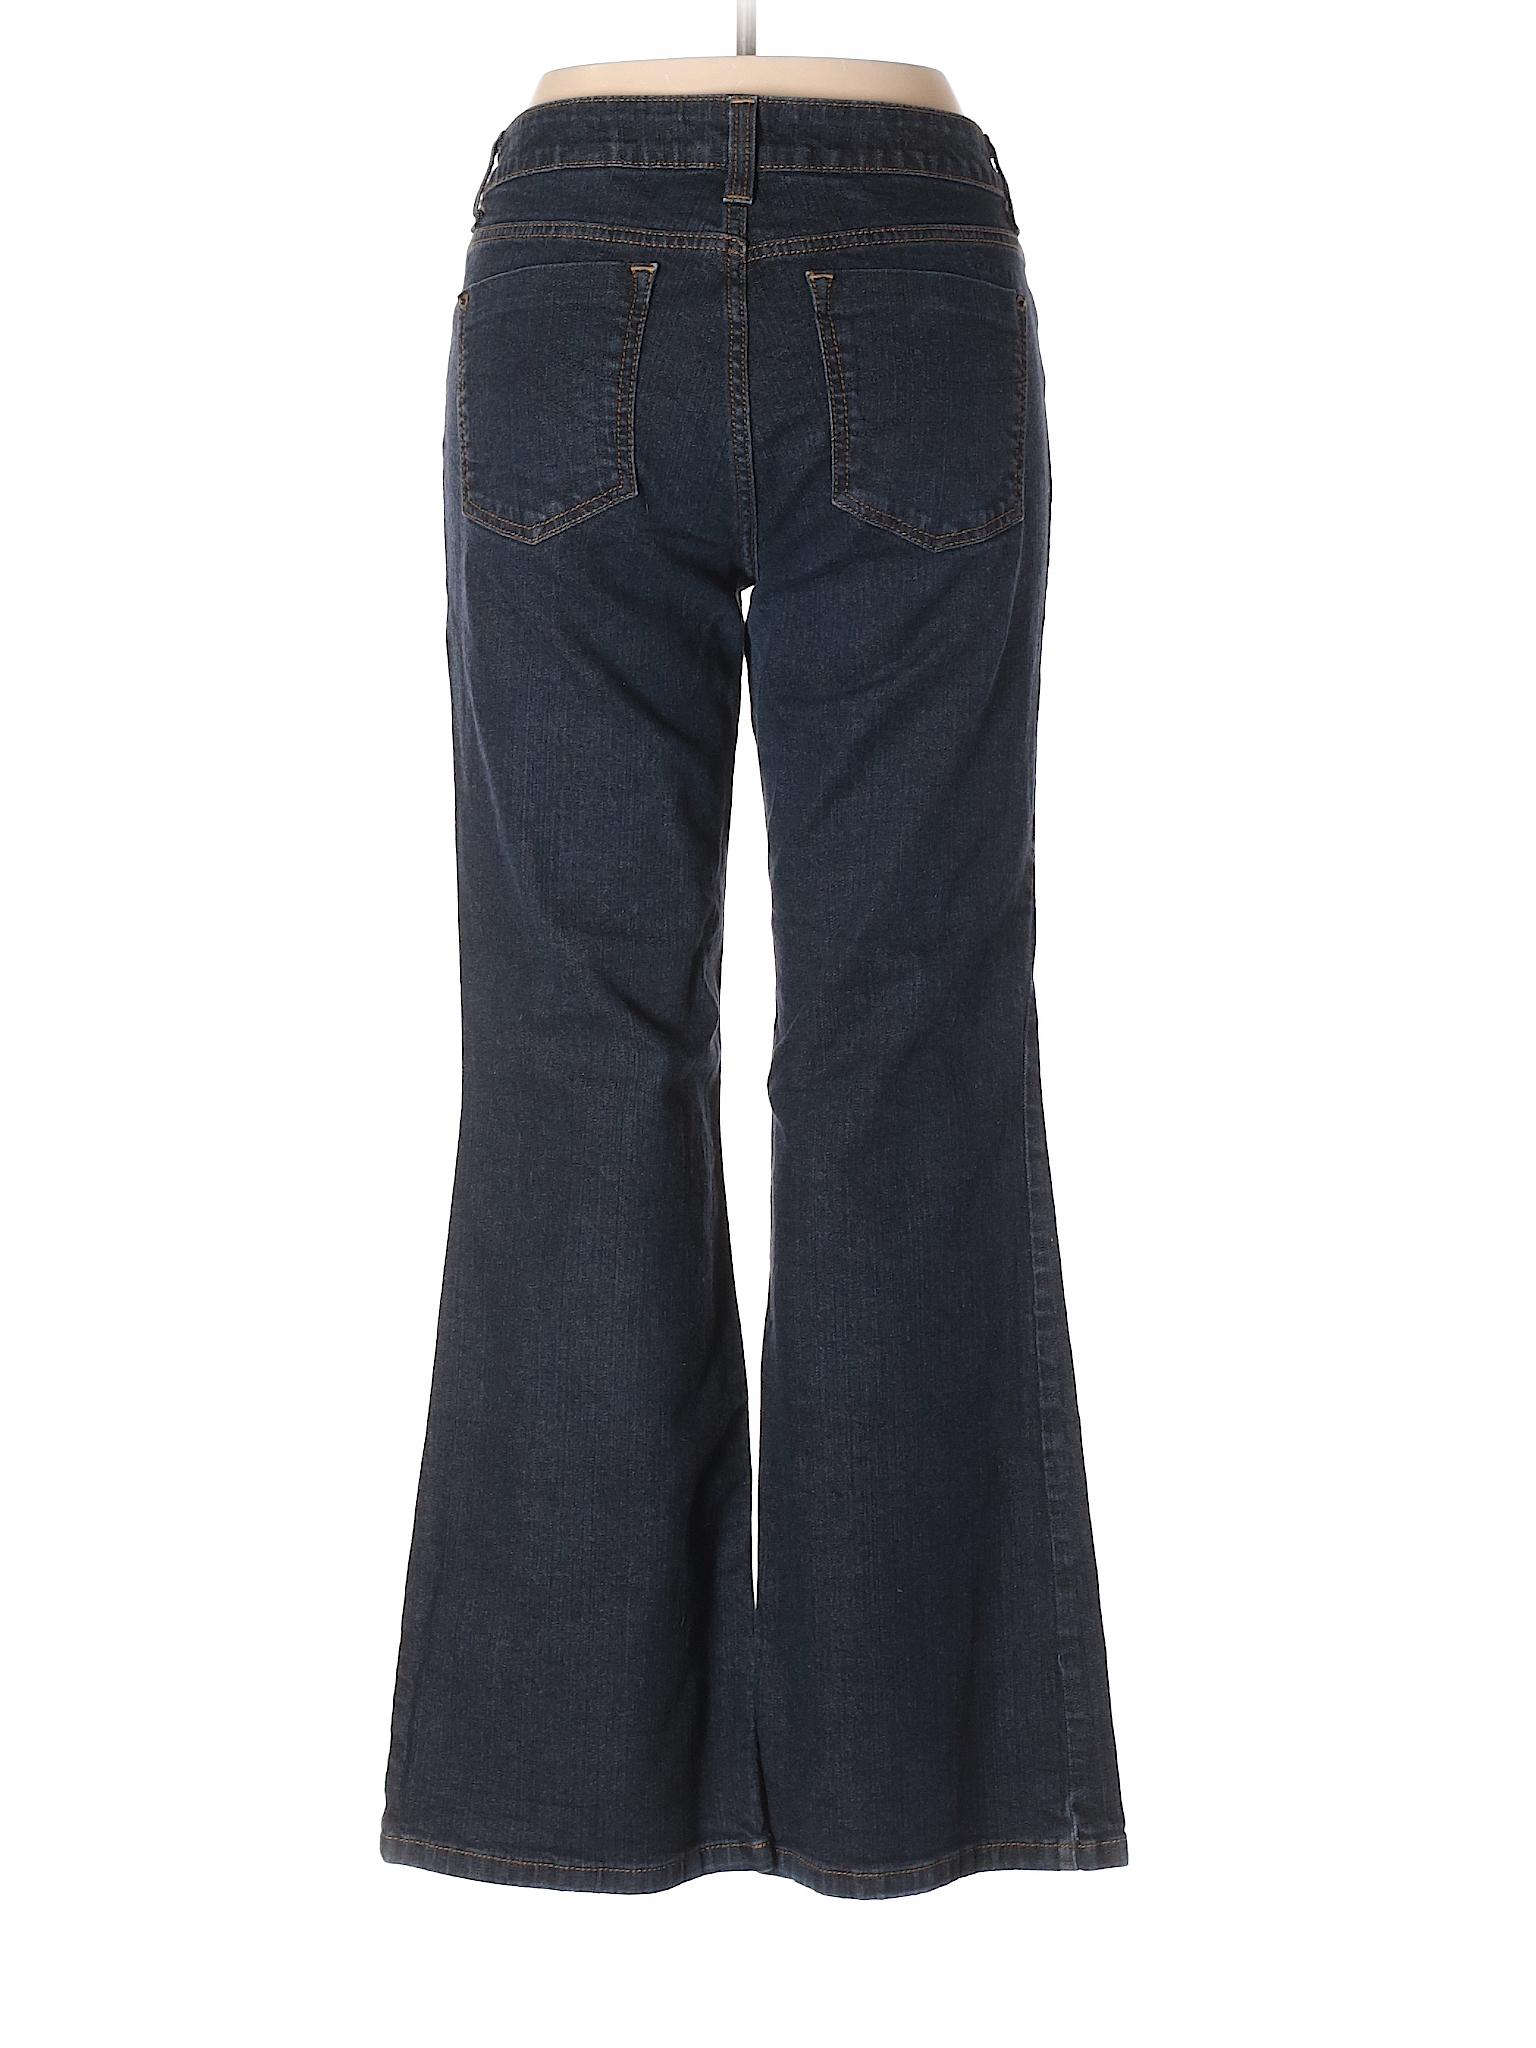 Promotion DKNY Promotion DKNY Jeans wqxz8BYx